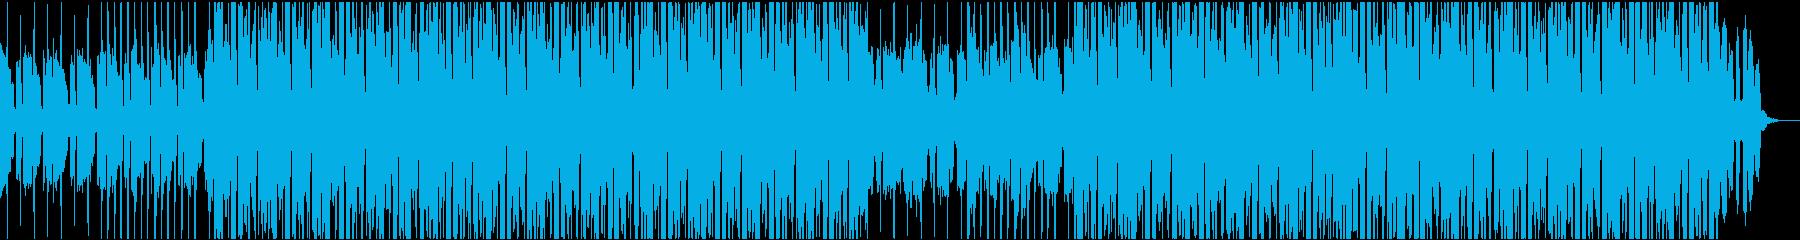 ファンク ハウス ダンス プログレ...の再生済みの波形